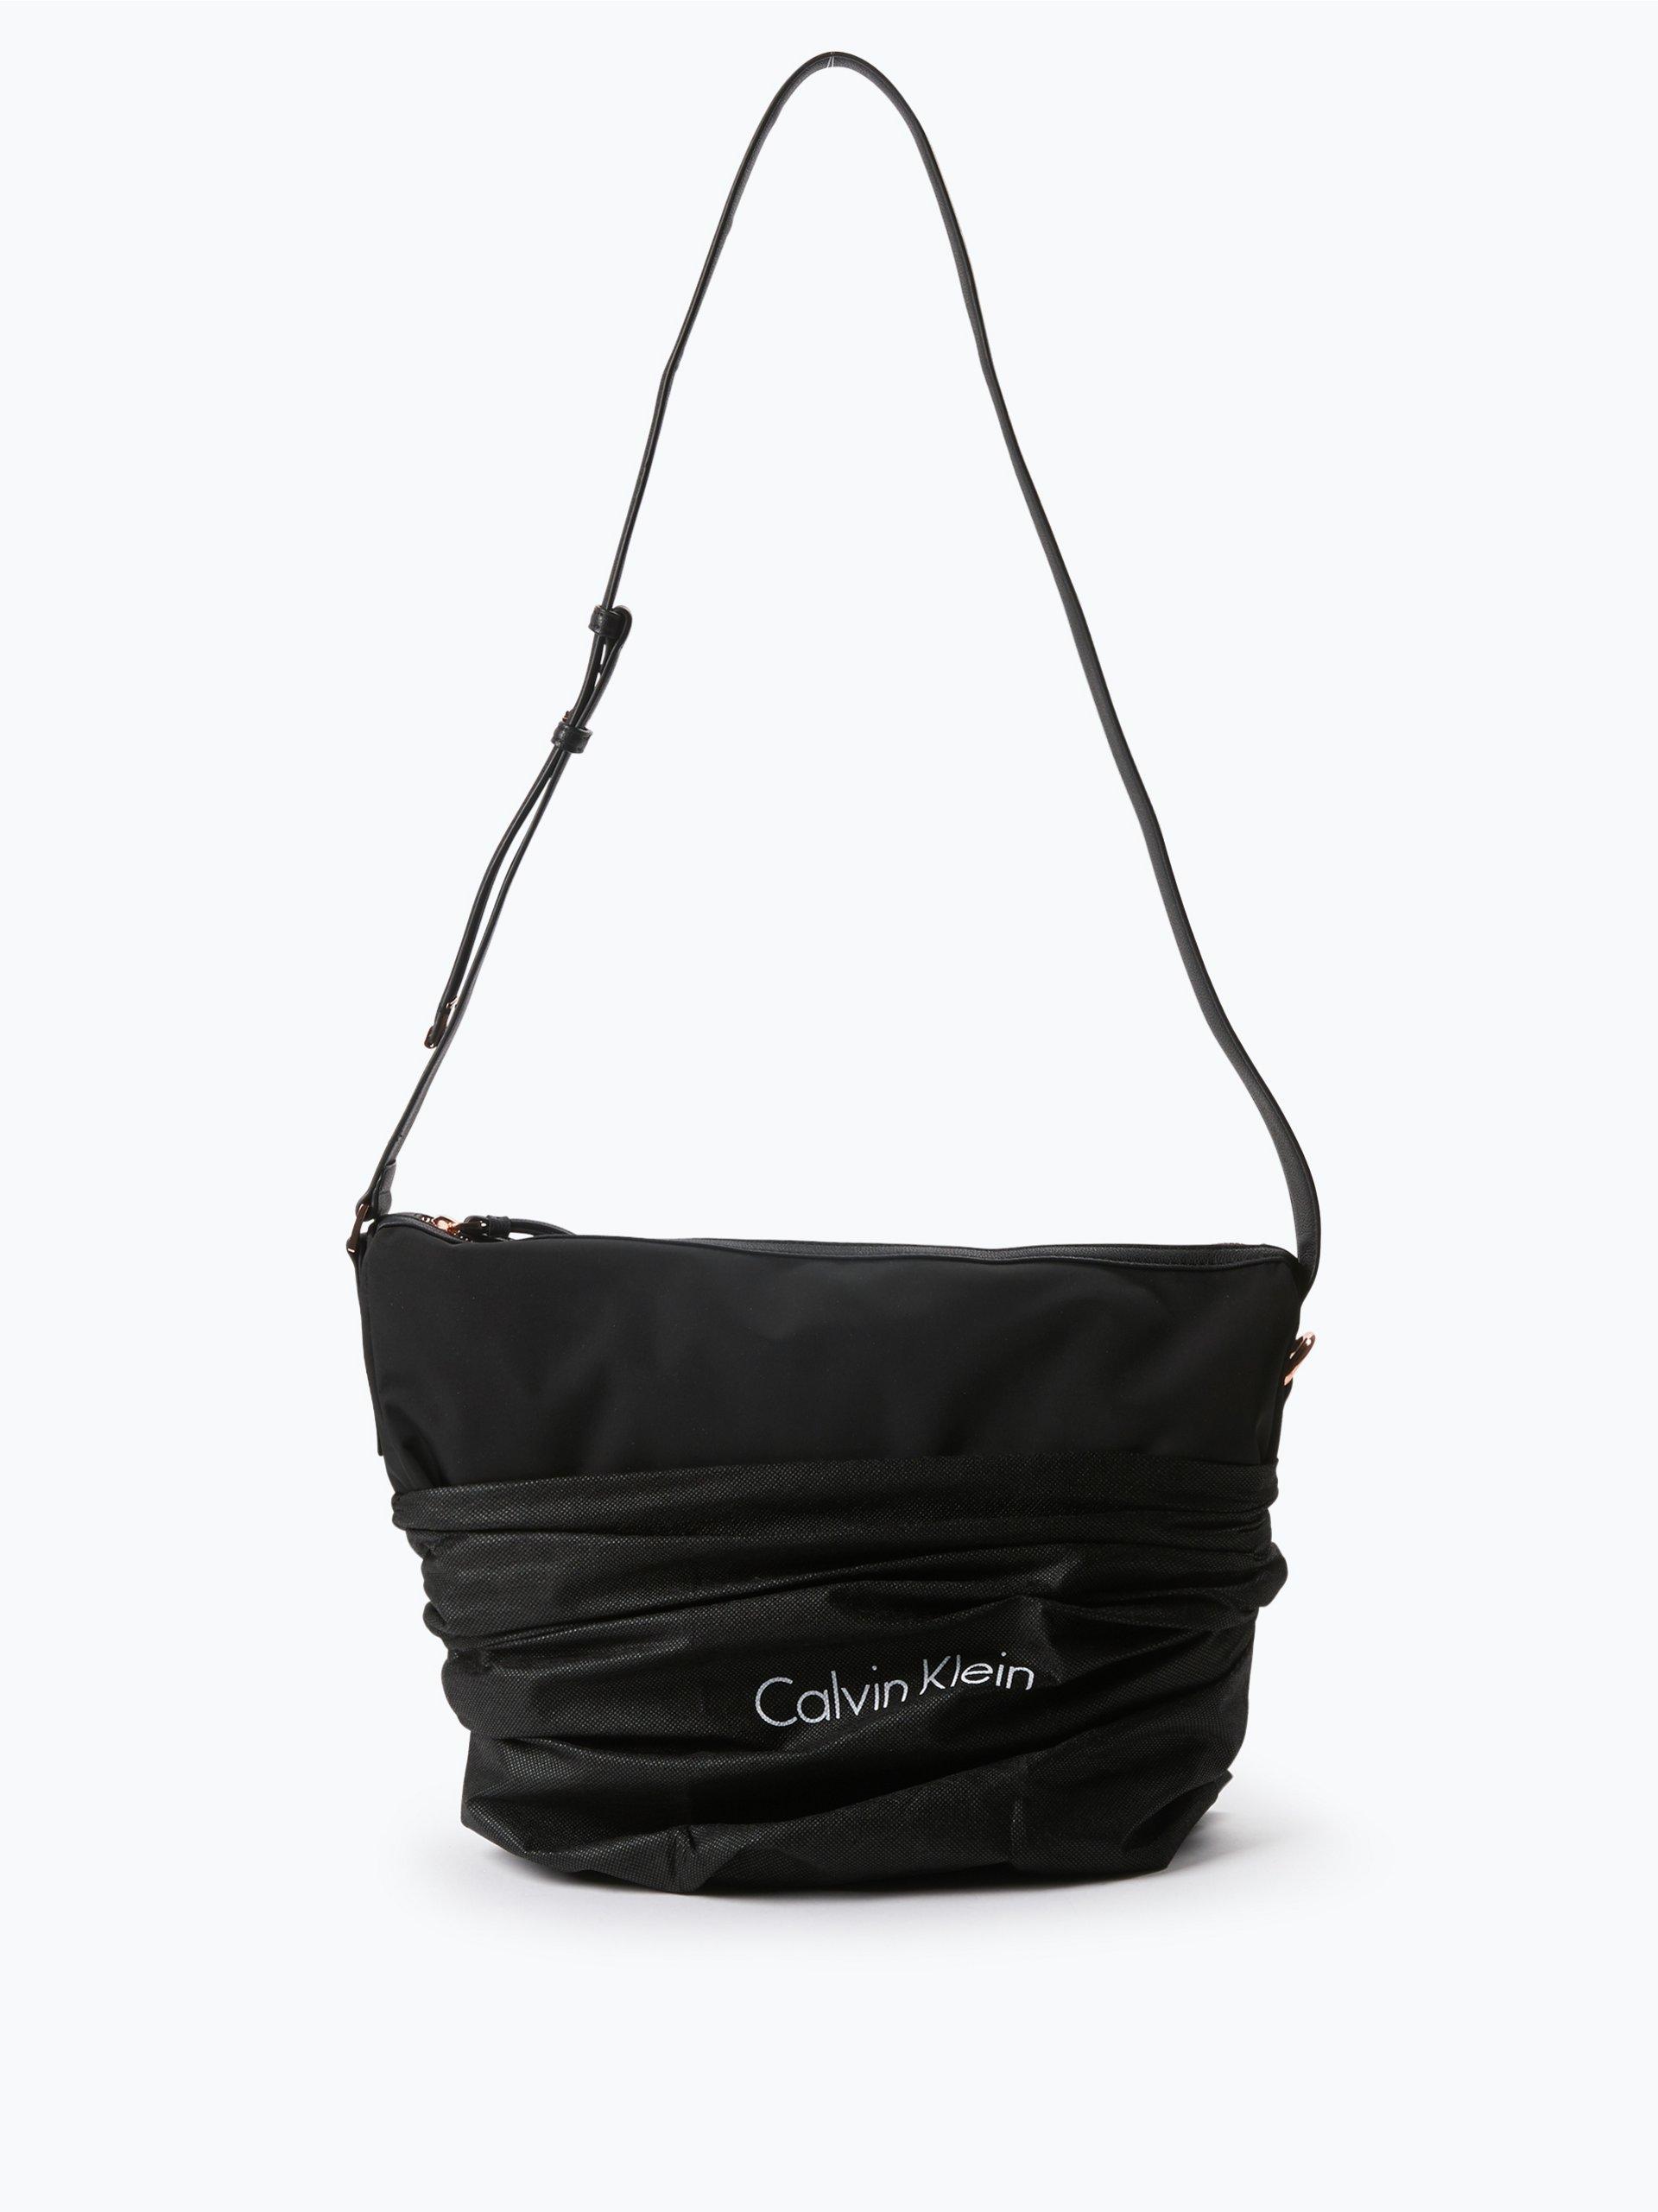 calvin klein damen handtasche edith schwarz uni online. Black Bedroom Furniture Sets. Home Design Ideas